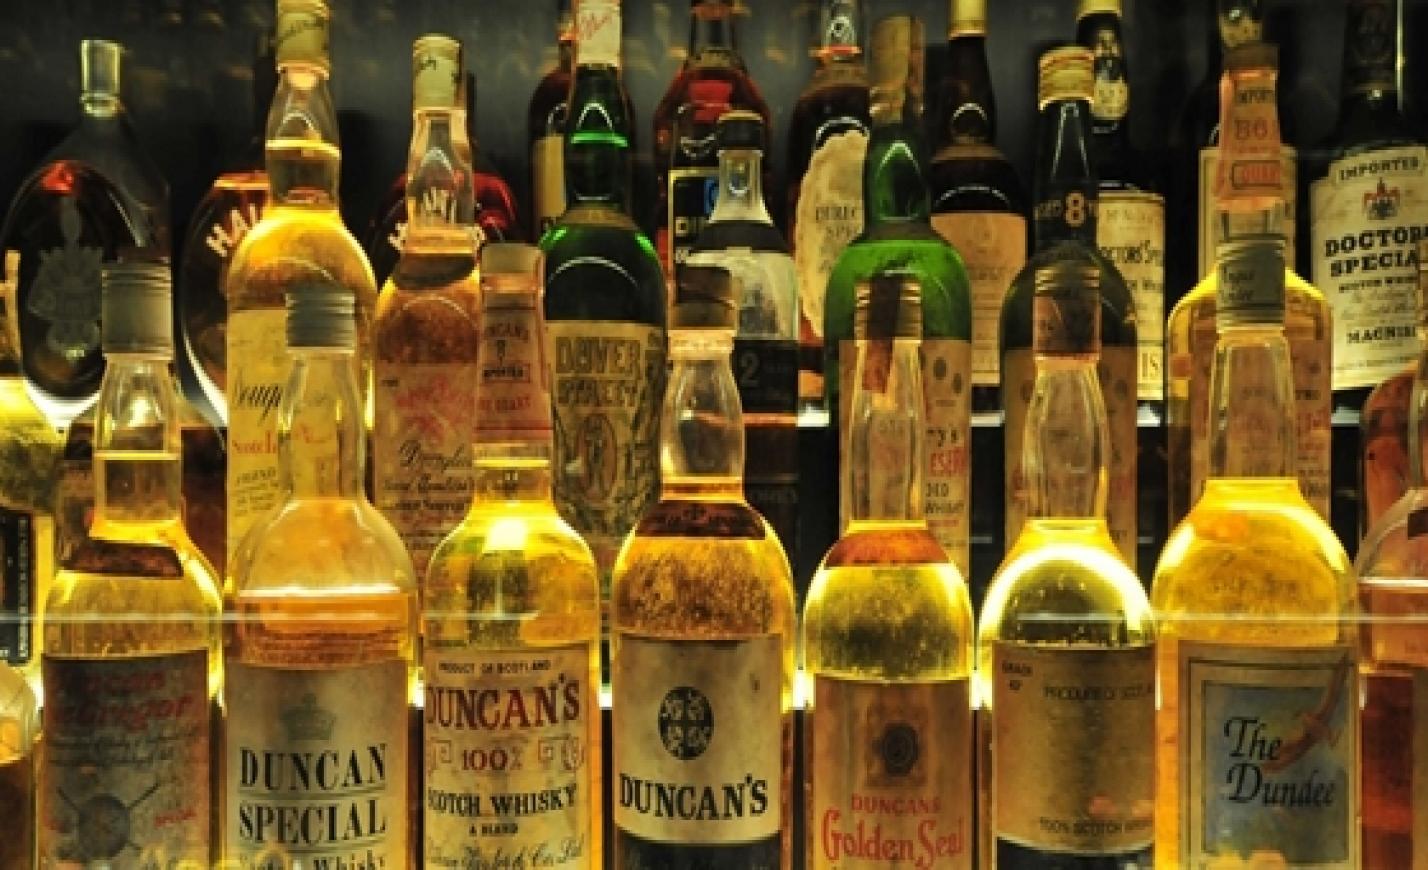 Legyen az pálinka vagy bor, akár likőr, vagy bármilyen ital, az italkereső weboldalán a legjobbakat fogod kapni az biztos. Mind árban mind minőségben.